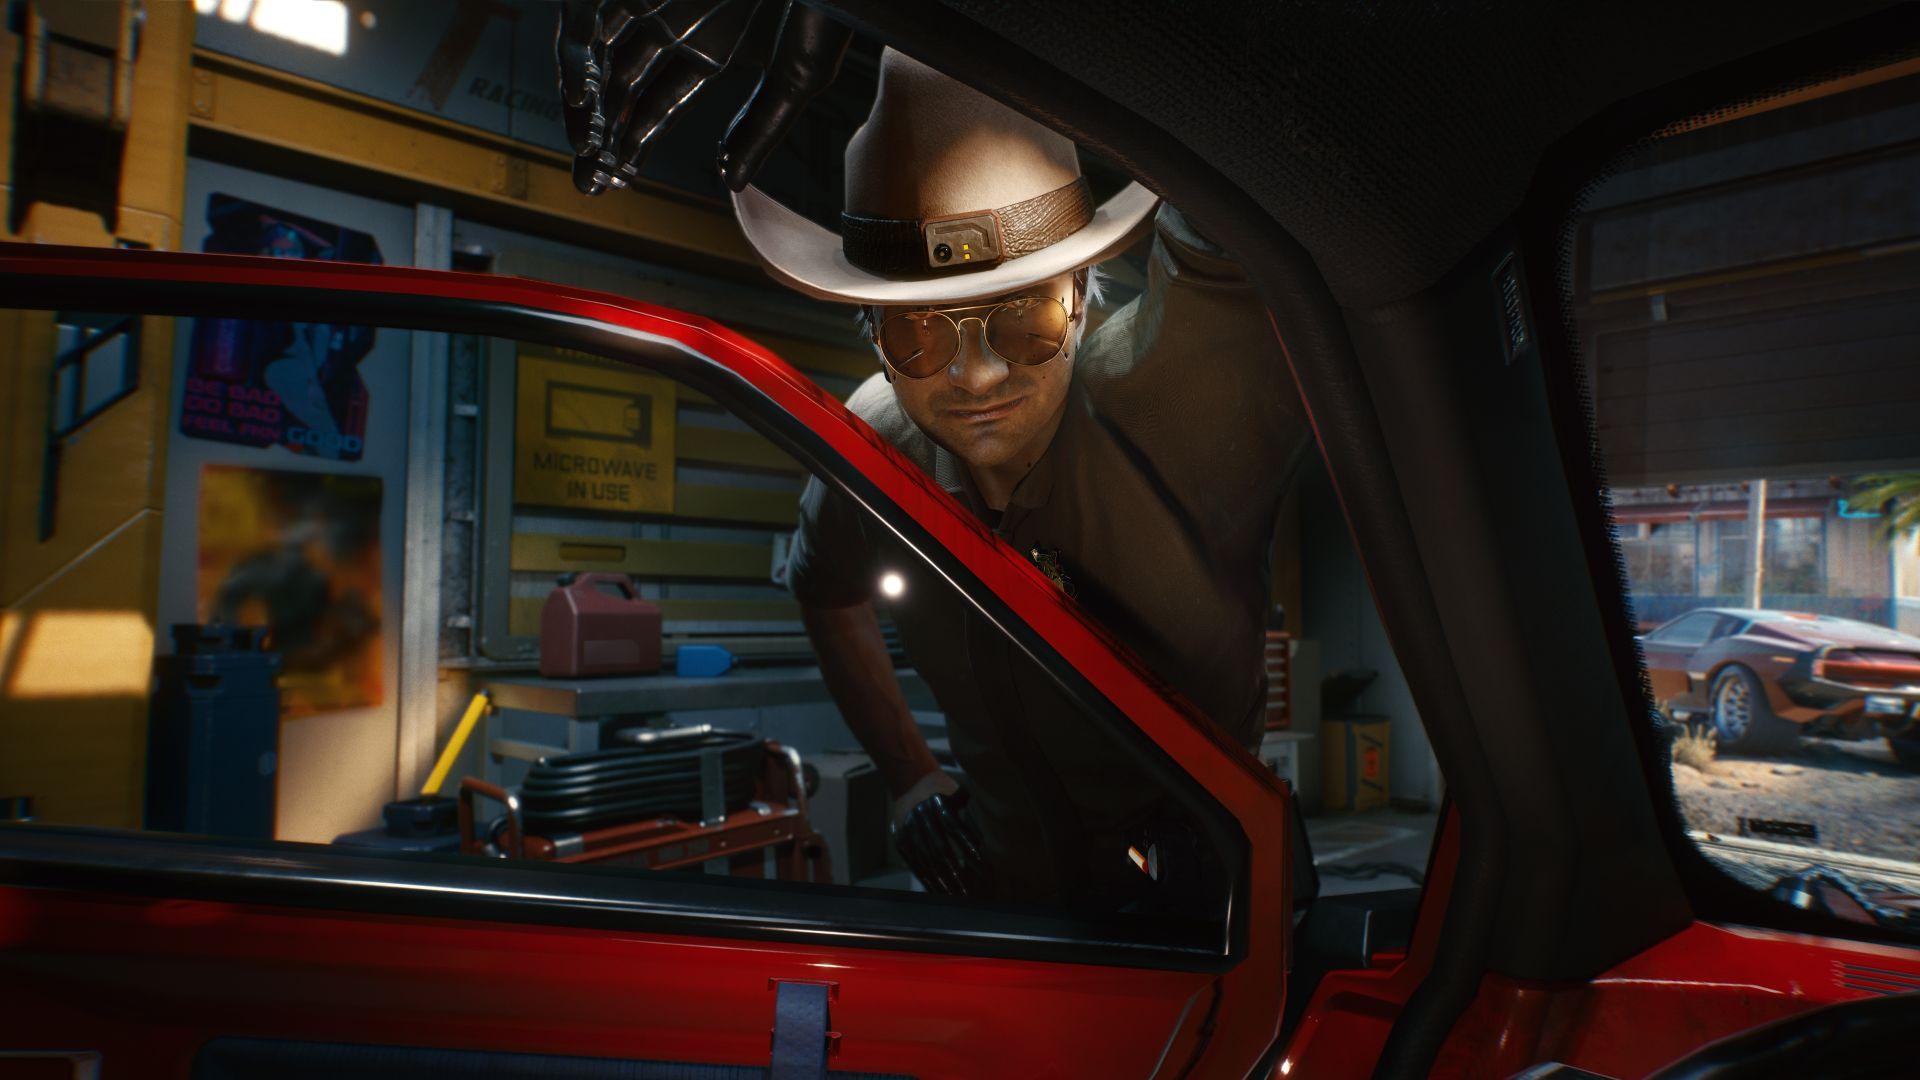 《赛博朋克2077》主角在对话中可以环顾四周 规避潜在危险